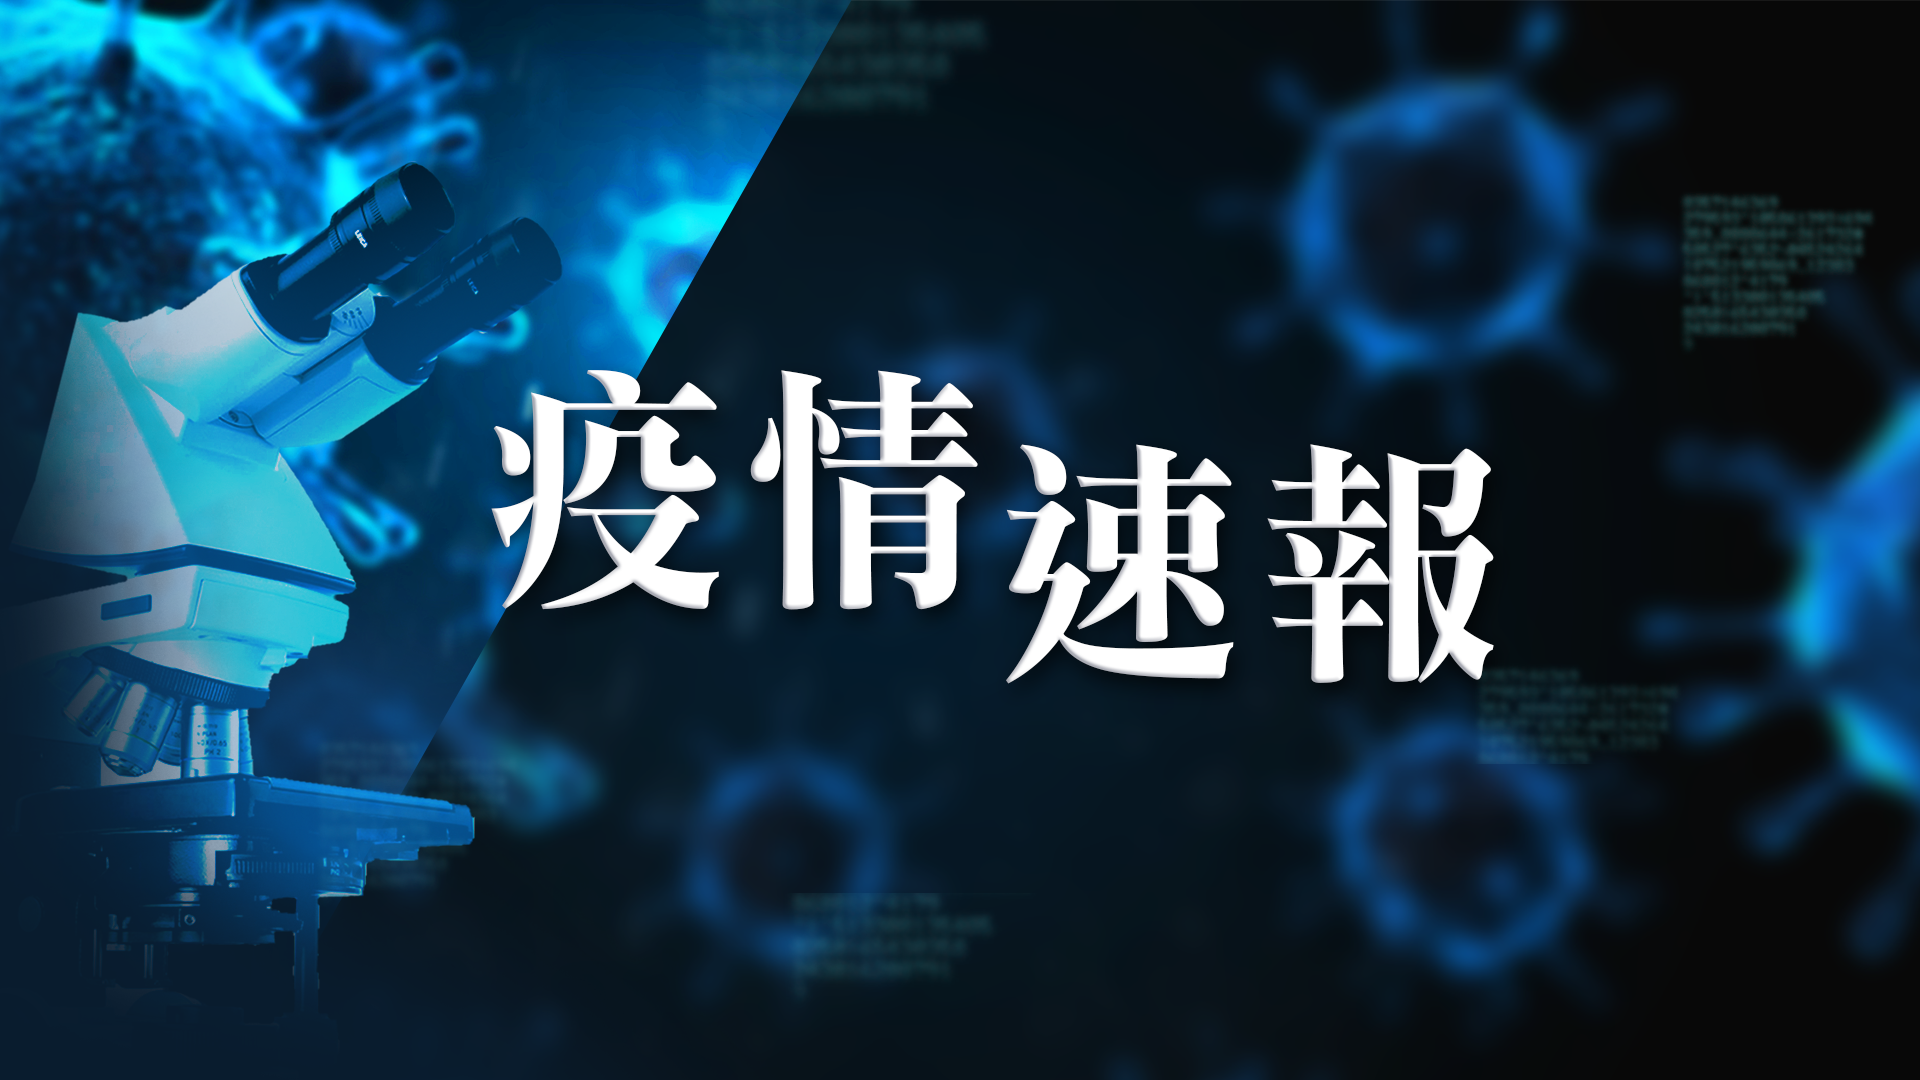 【12月24日疫情速報】(23:00)